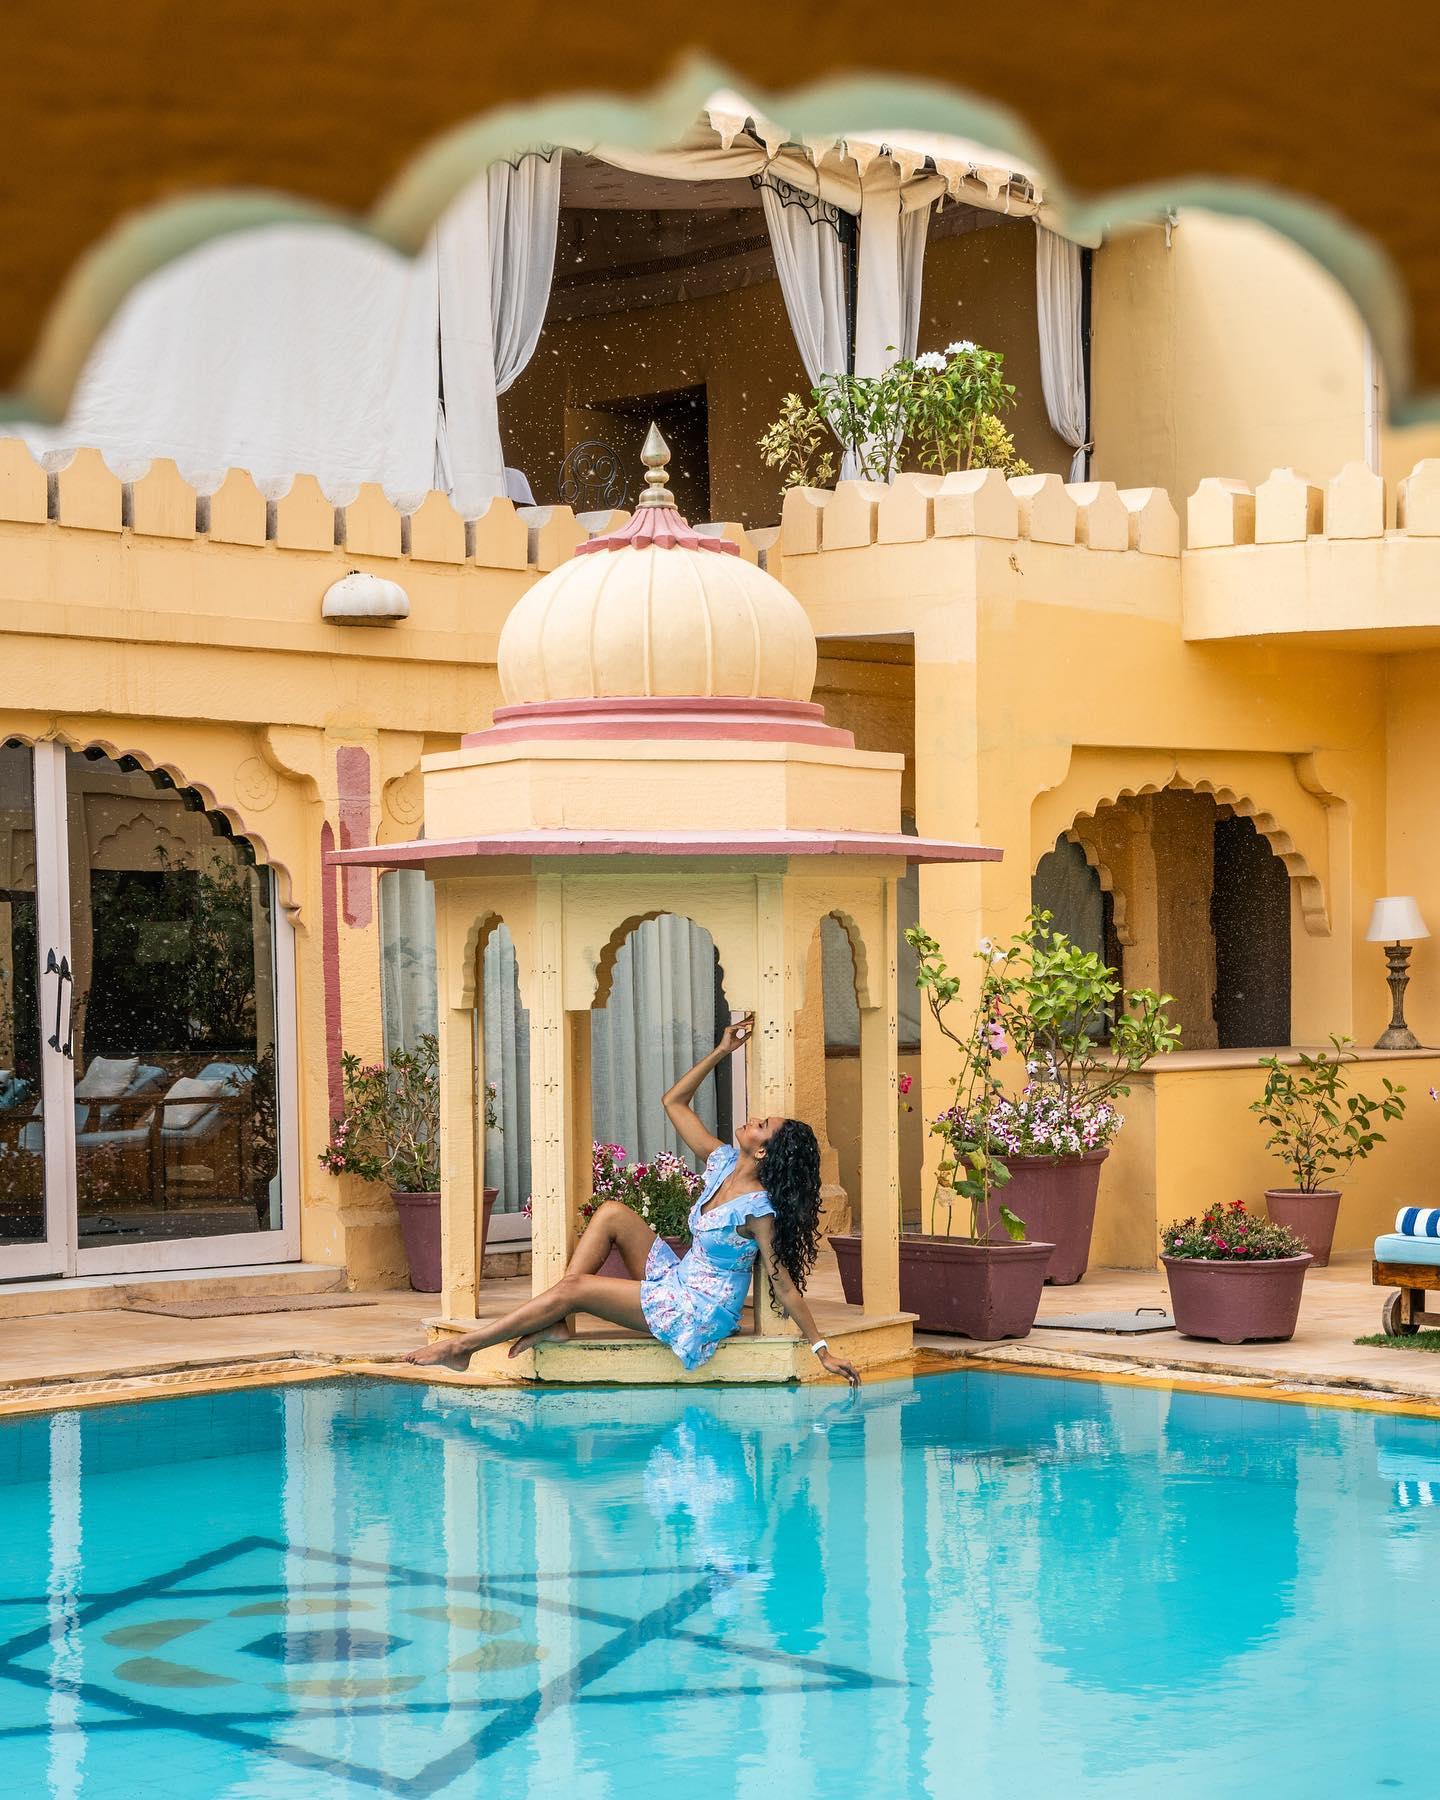 גן עדן במדבר רג'סטן: Mihir Garh